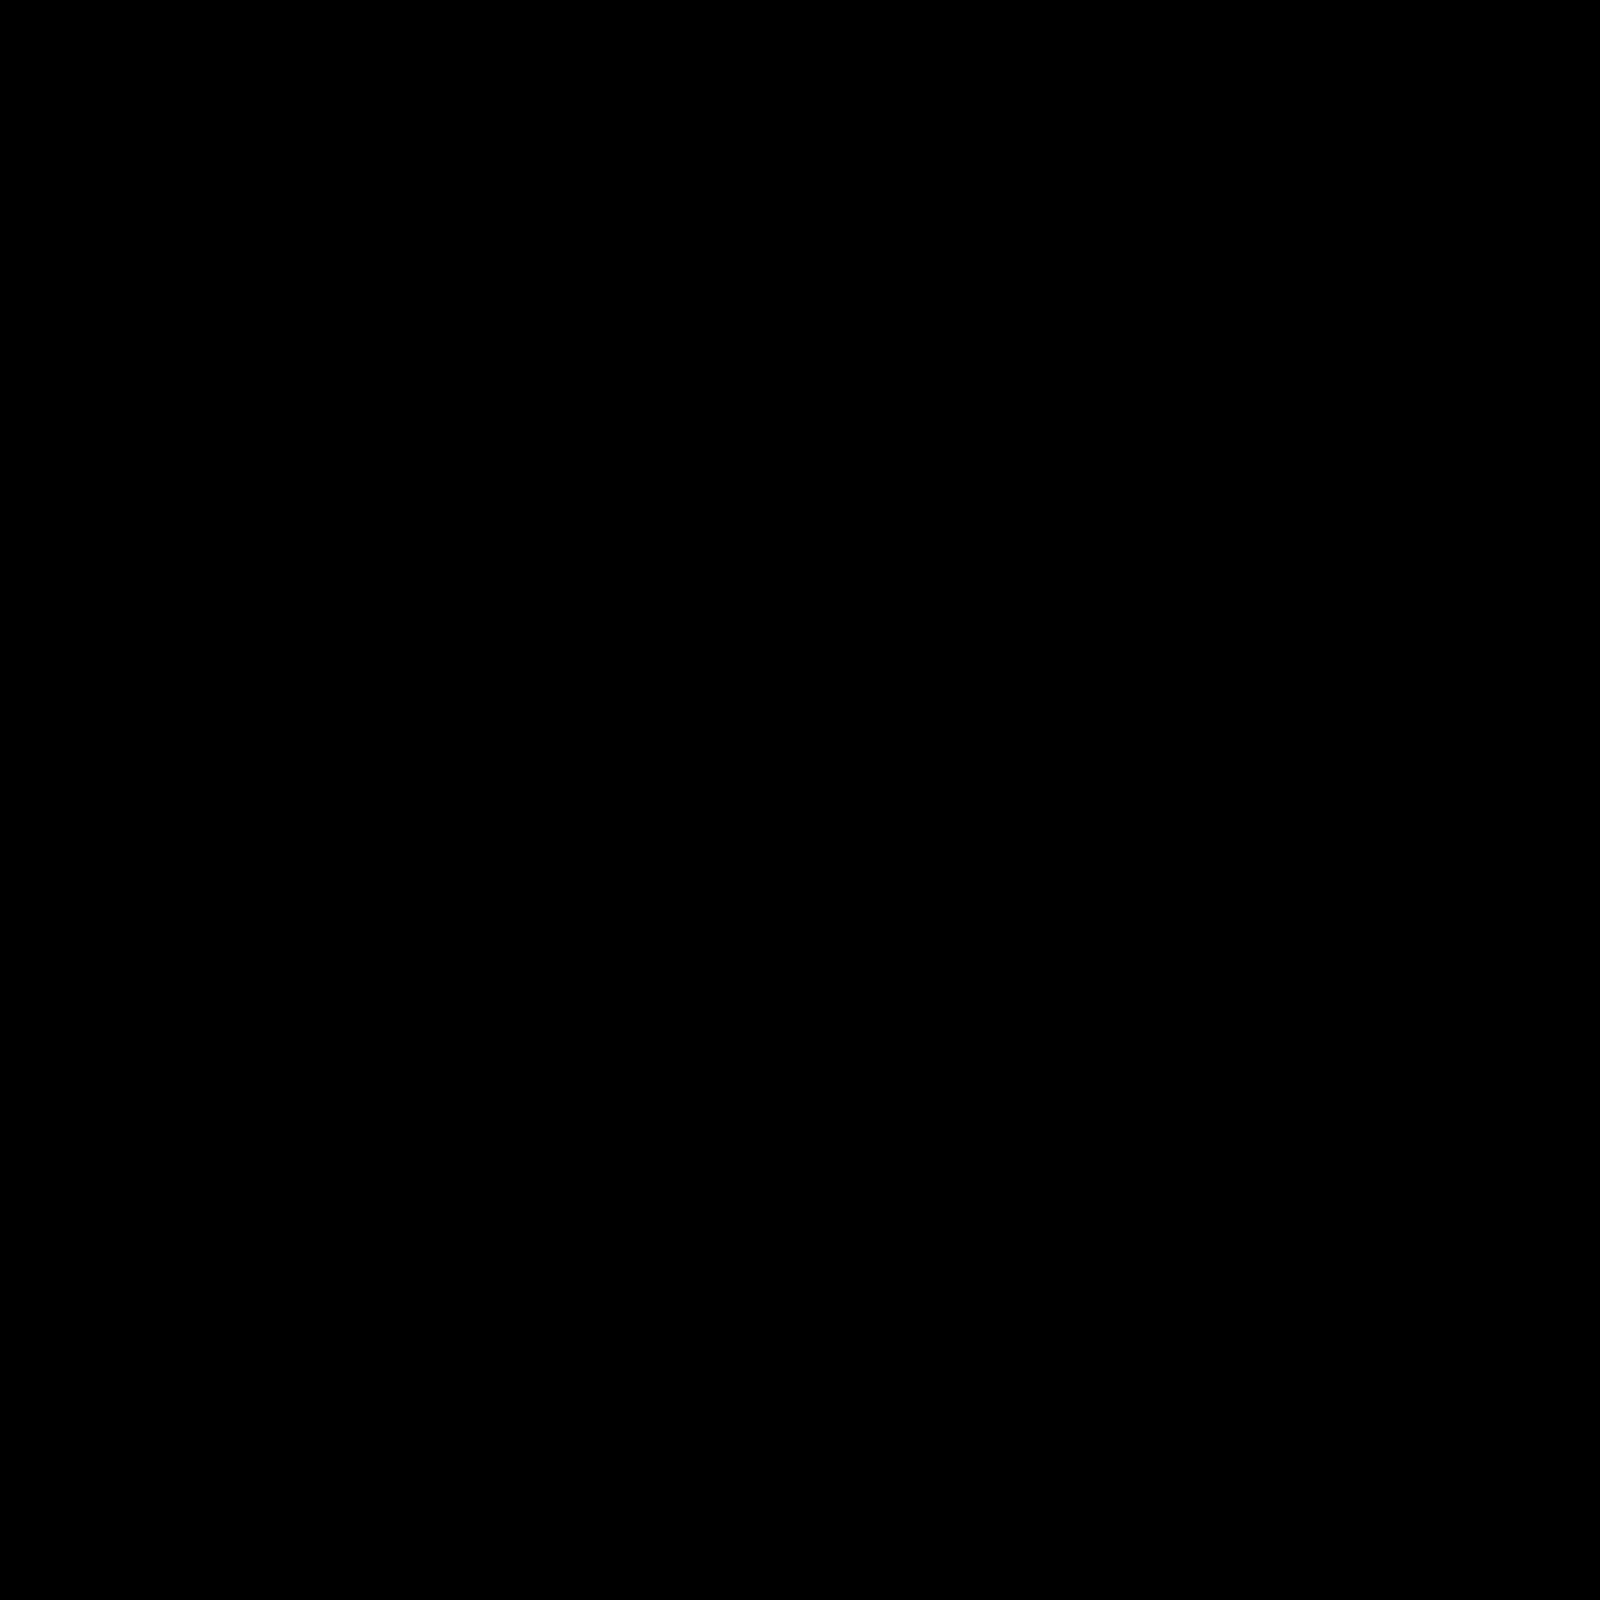 Pinguin icon